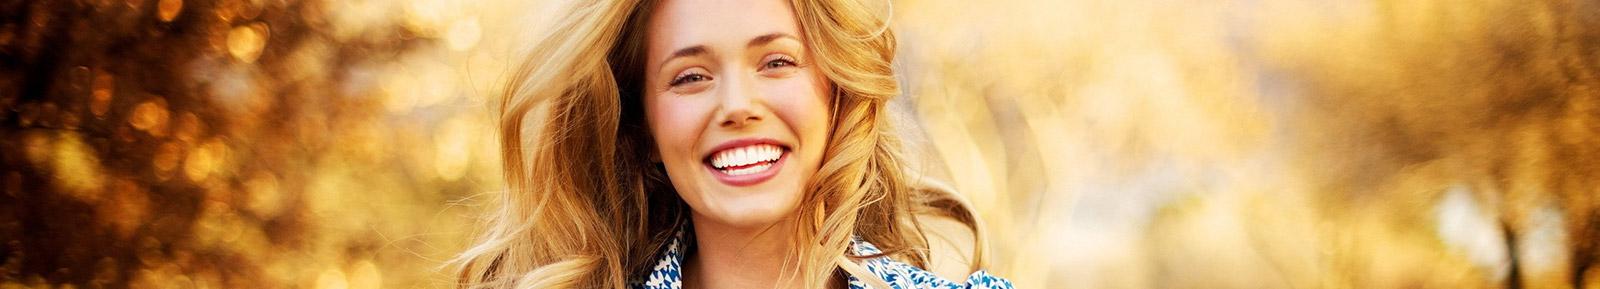 Fogfehérítés utáni mosoly